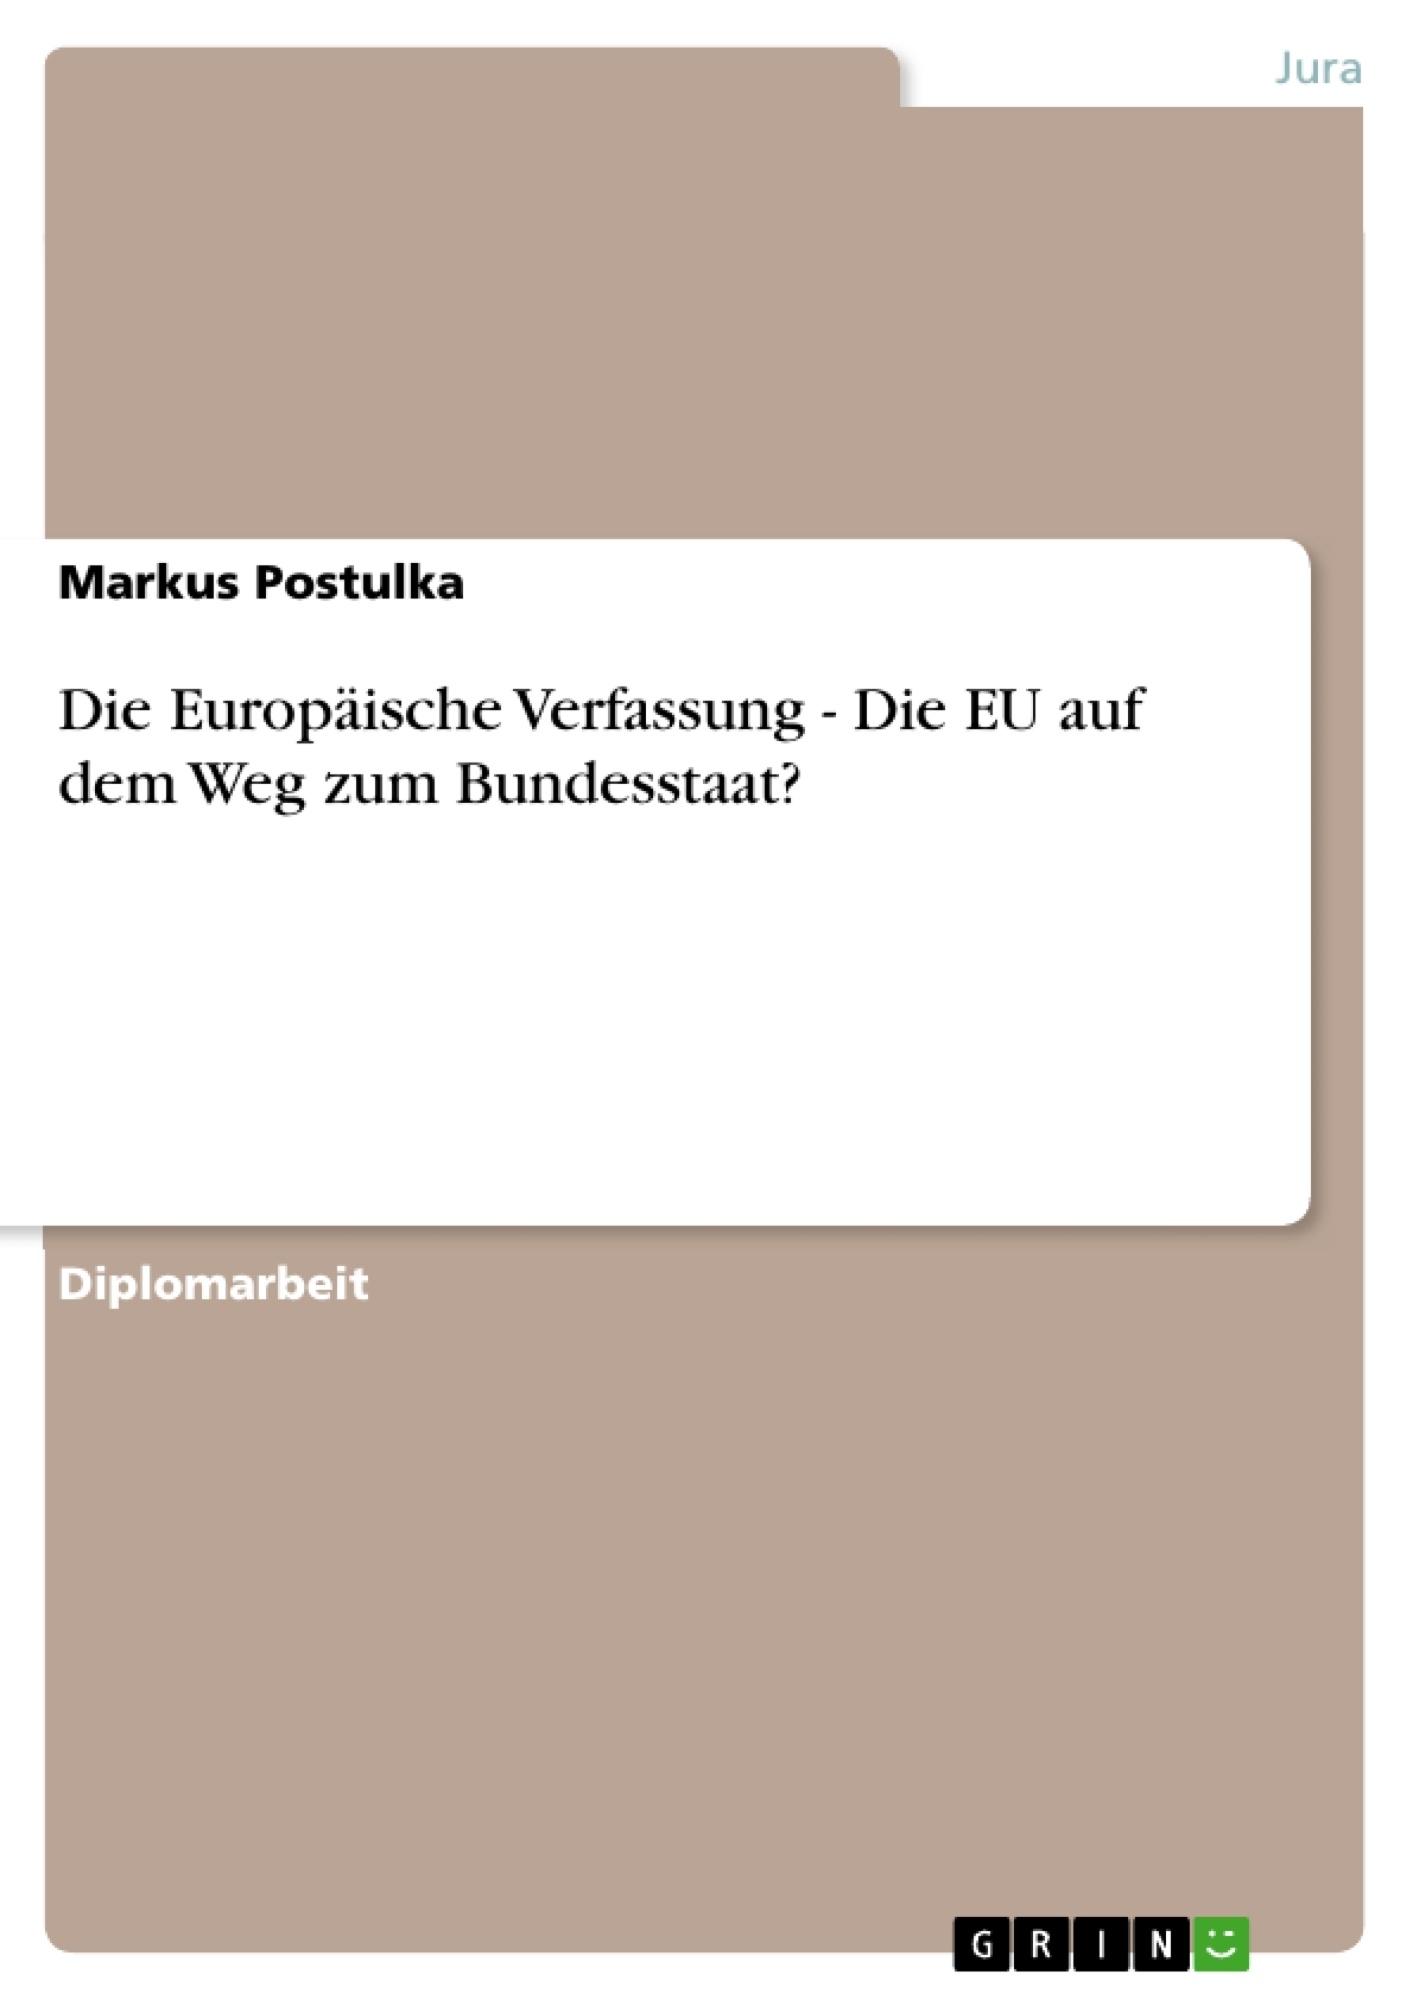 Titel: Die Europäische Verfassung - Die EU auf dem Weg zum Bundesstaat?